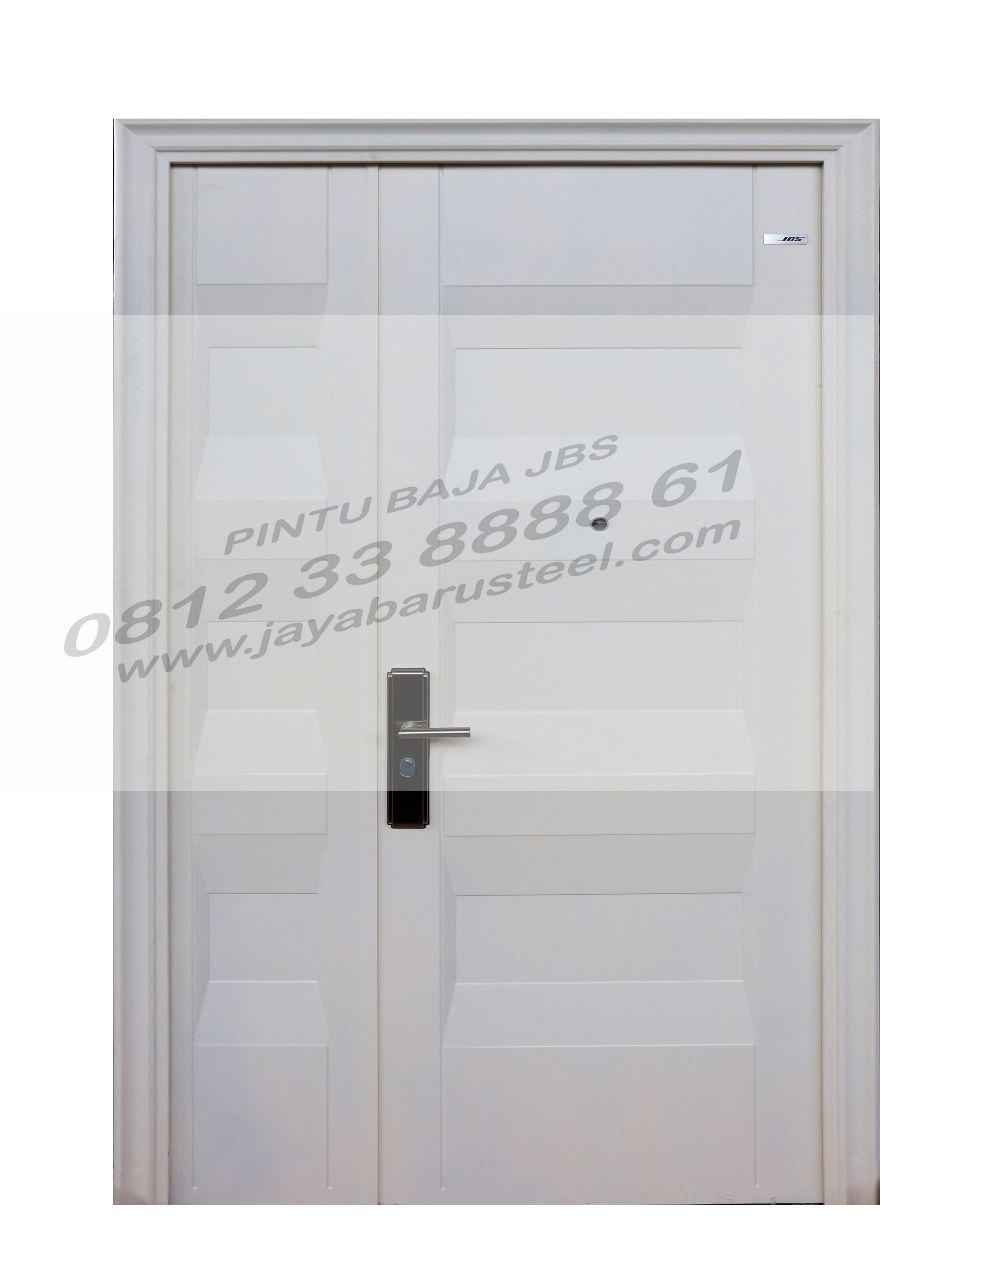 Desain Pintu Depan Rumah 2 Pintu Minimalis